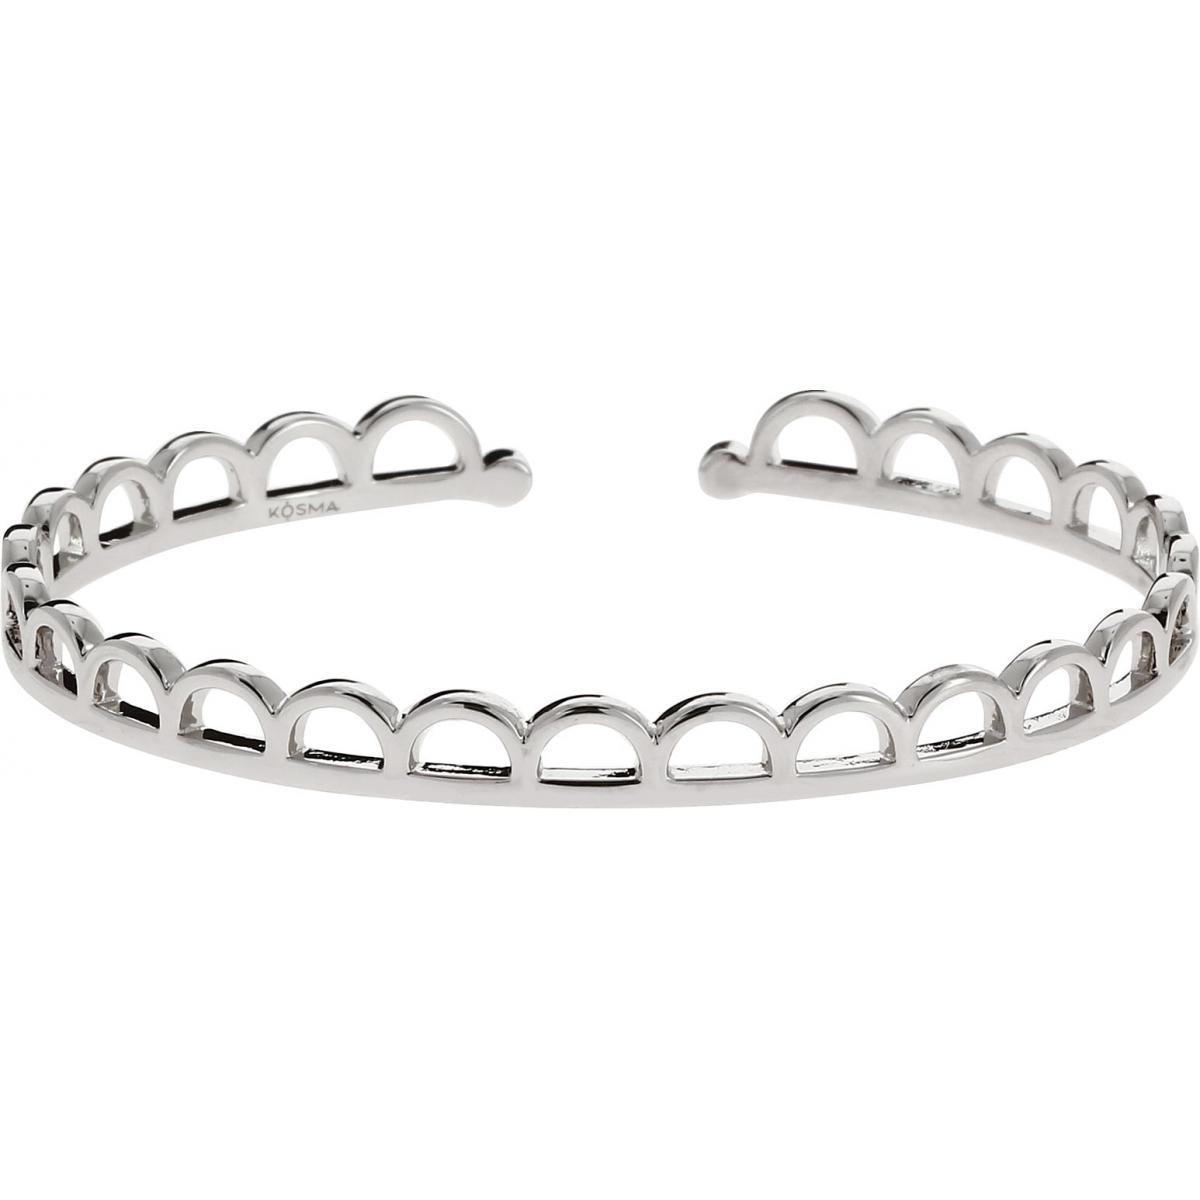 Bracelet Jonc Kosma Paris - Collection Stella Argenté